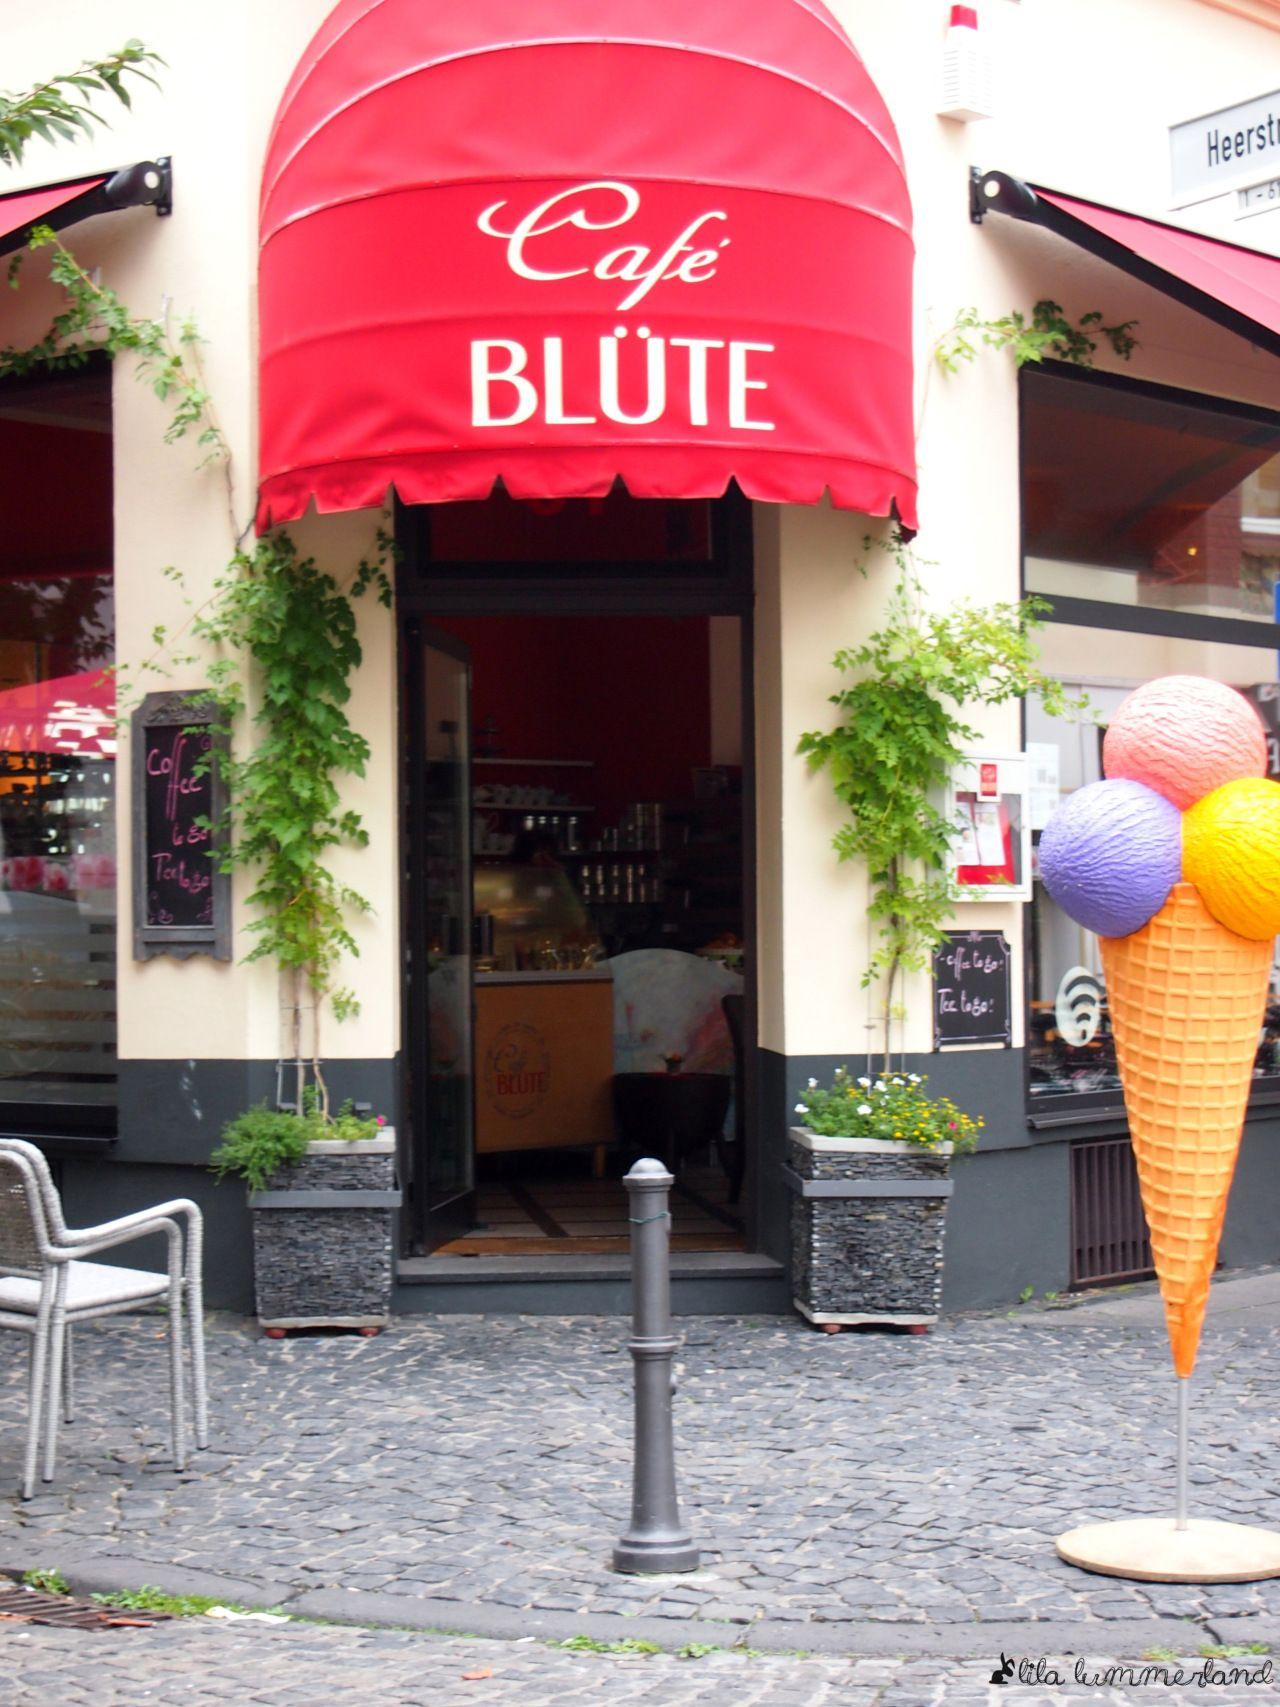 Wann Wird Ein Ort Zum Lieblingsort Das Cafe Blute Jedenfalls Steht Bei Mir Grad Hoch Im Kurs Nachdem Mich Der Kuchen Bereits Ube Cafe Bonn Altstadt Fruhstuck